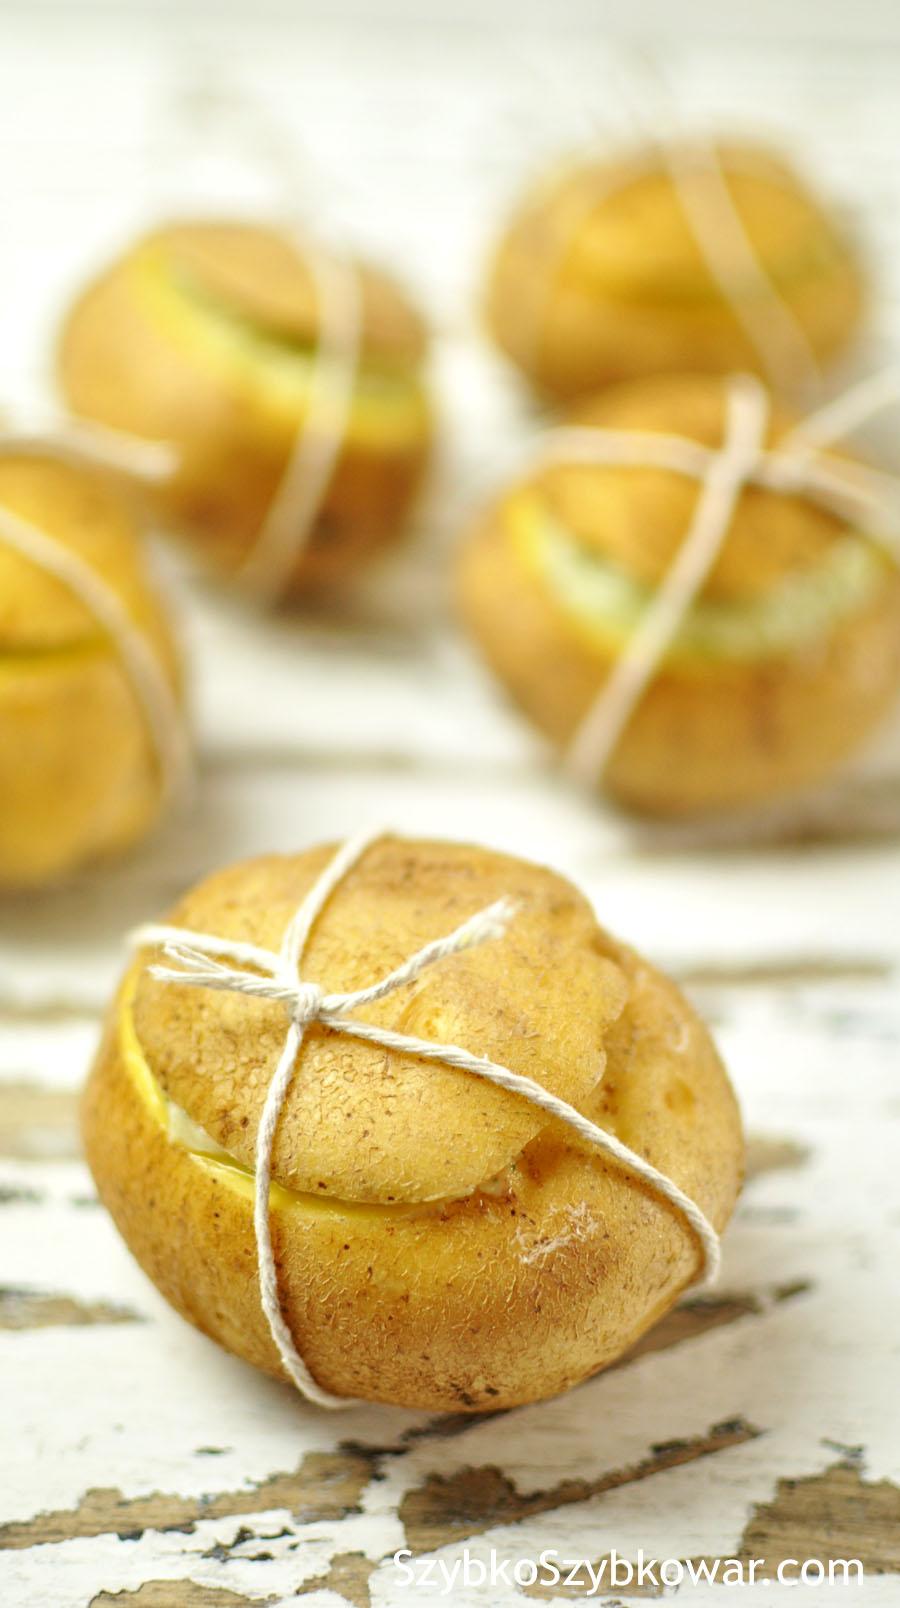 Ziemniaki przed gotowaniem.